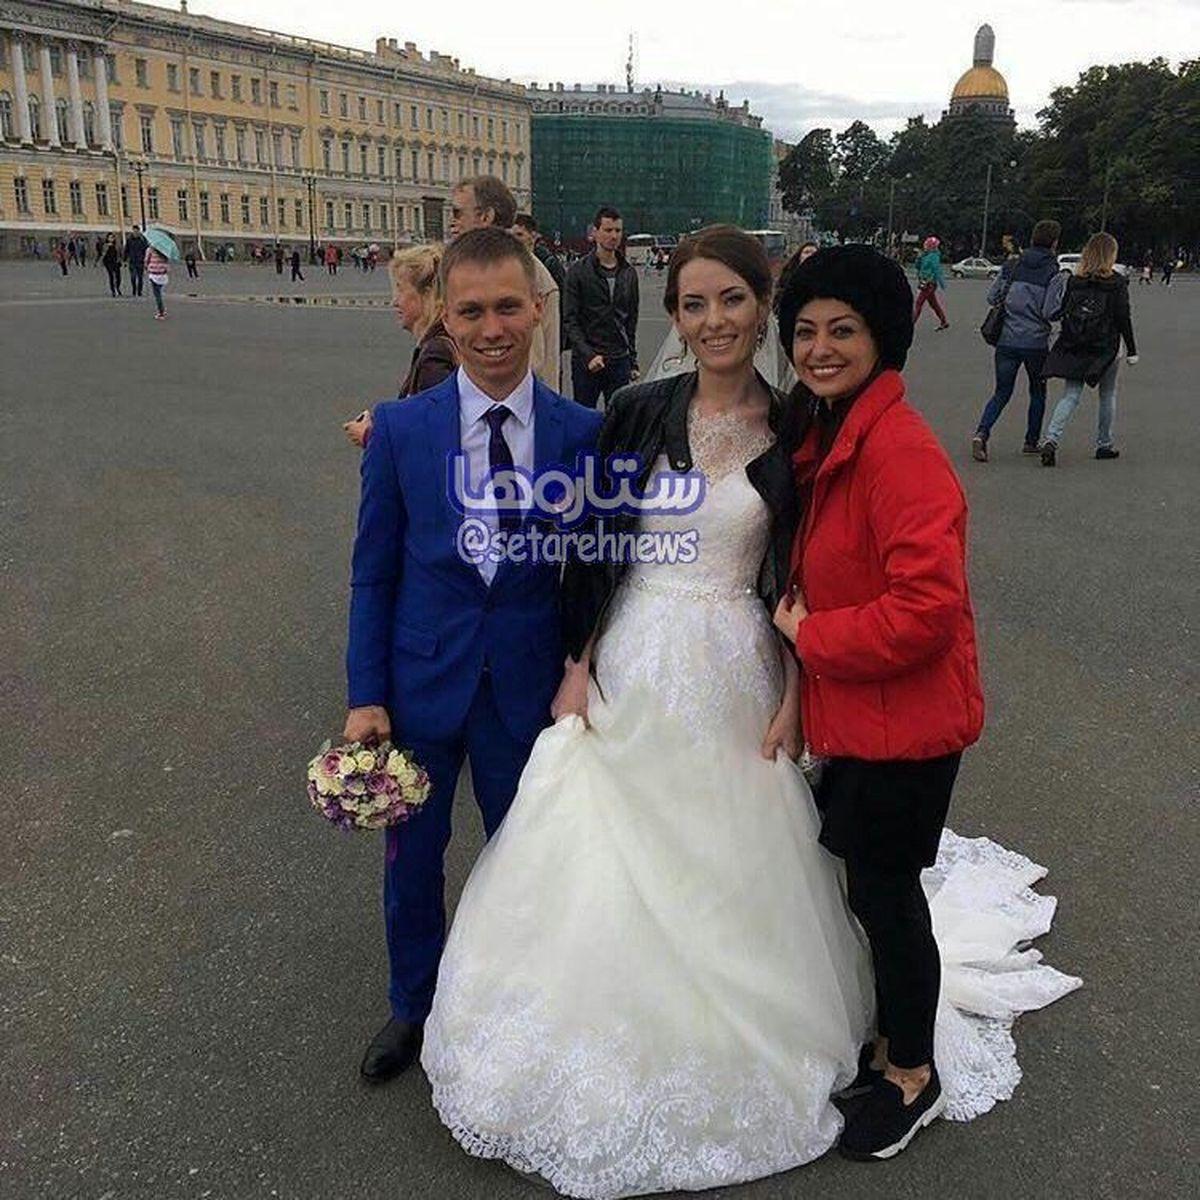 عکس: «نفیسه روشن» در کنار عروس و داماد روسى